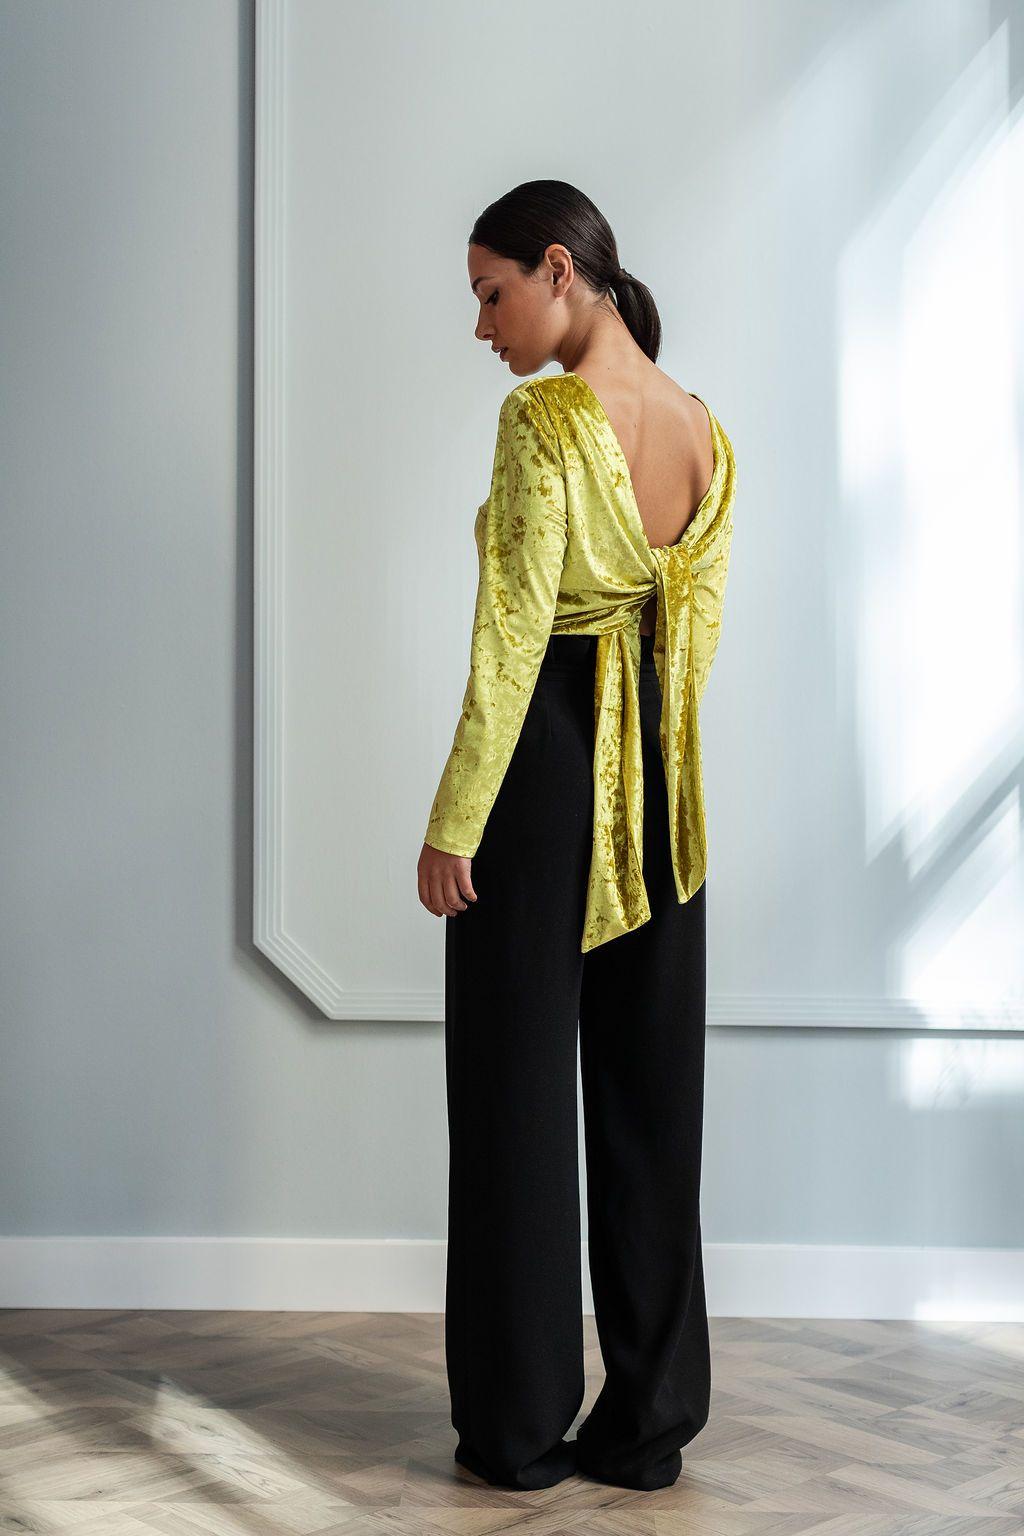 79ba9a119 Blusa de terciopelo de manga larga de color mostaza con escote y lazada en  la espalda